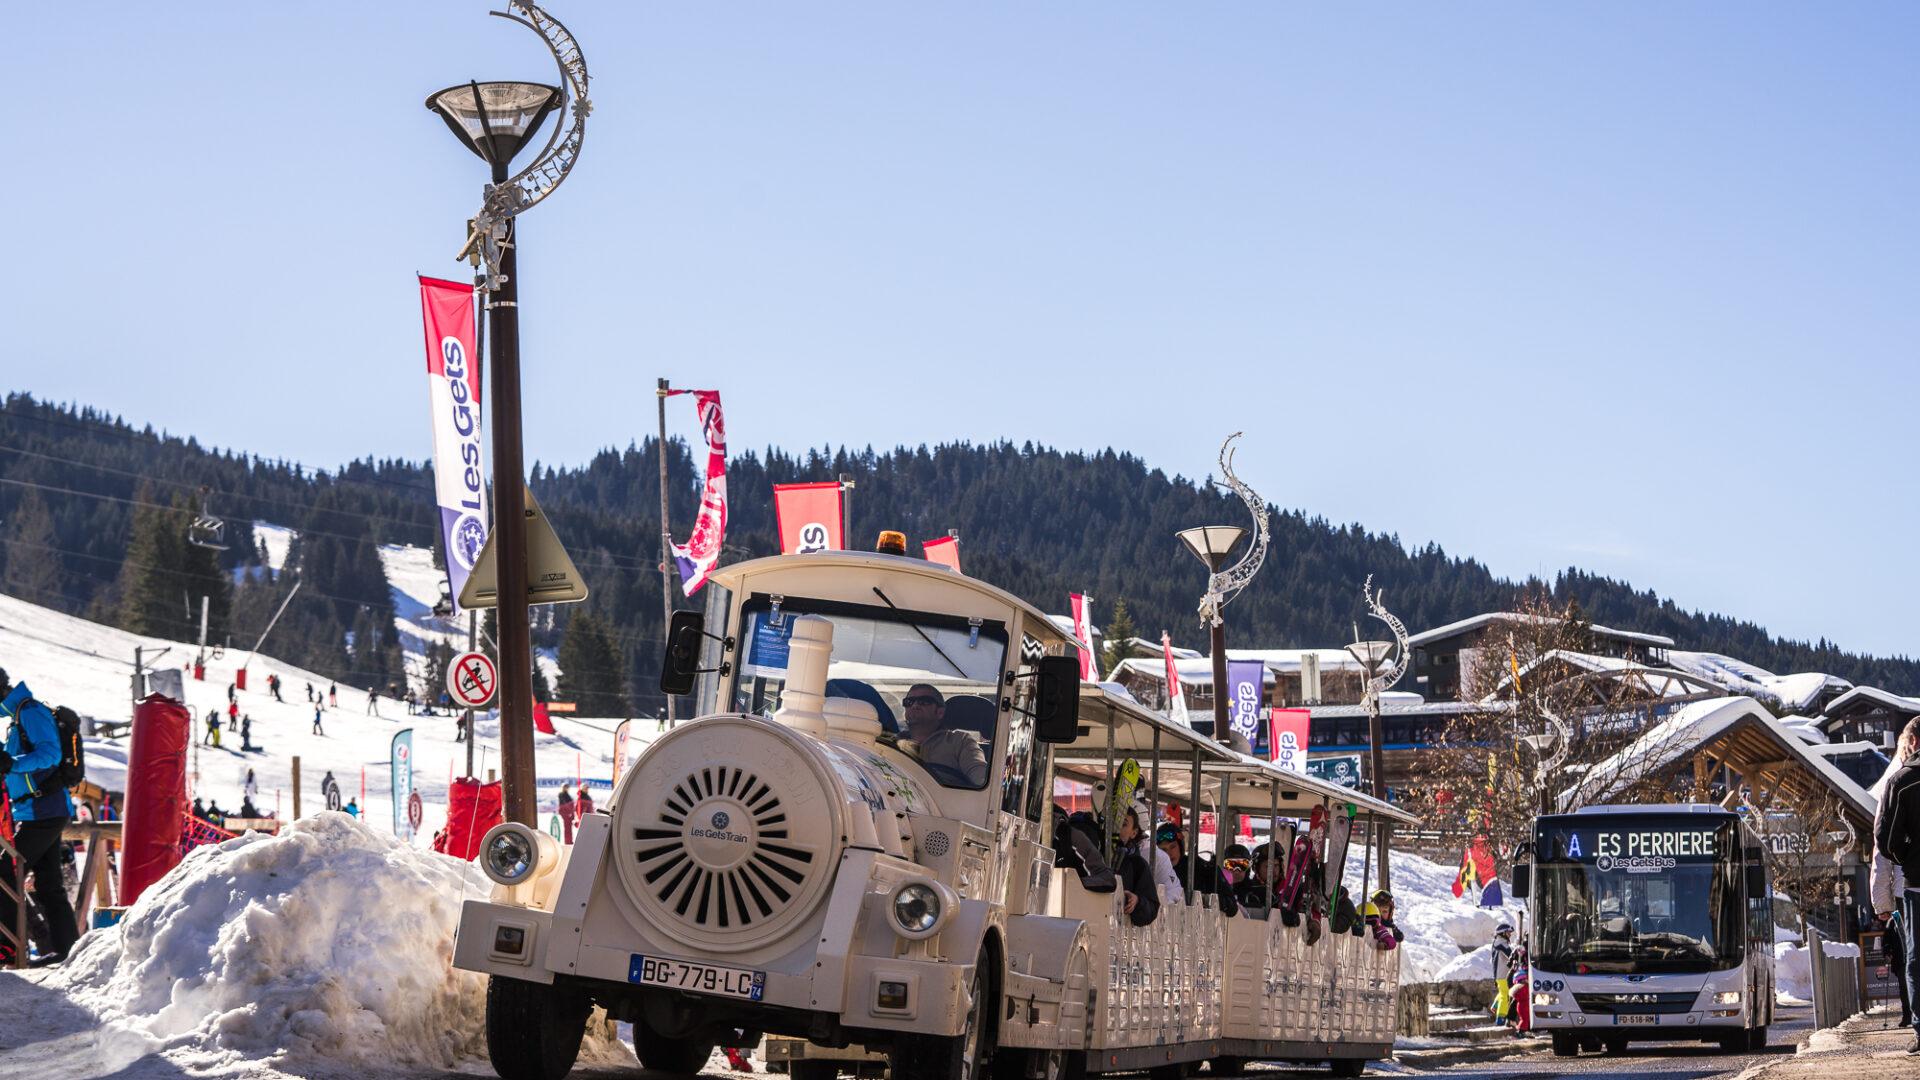 Petit train et bus gratuit dans le village des Gets en hiver